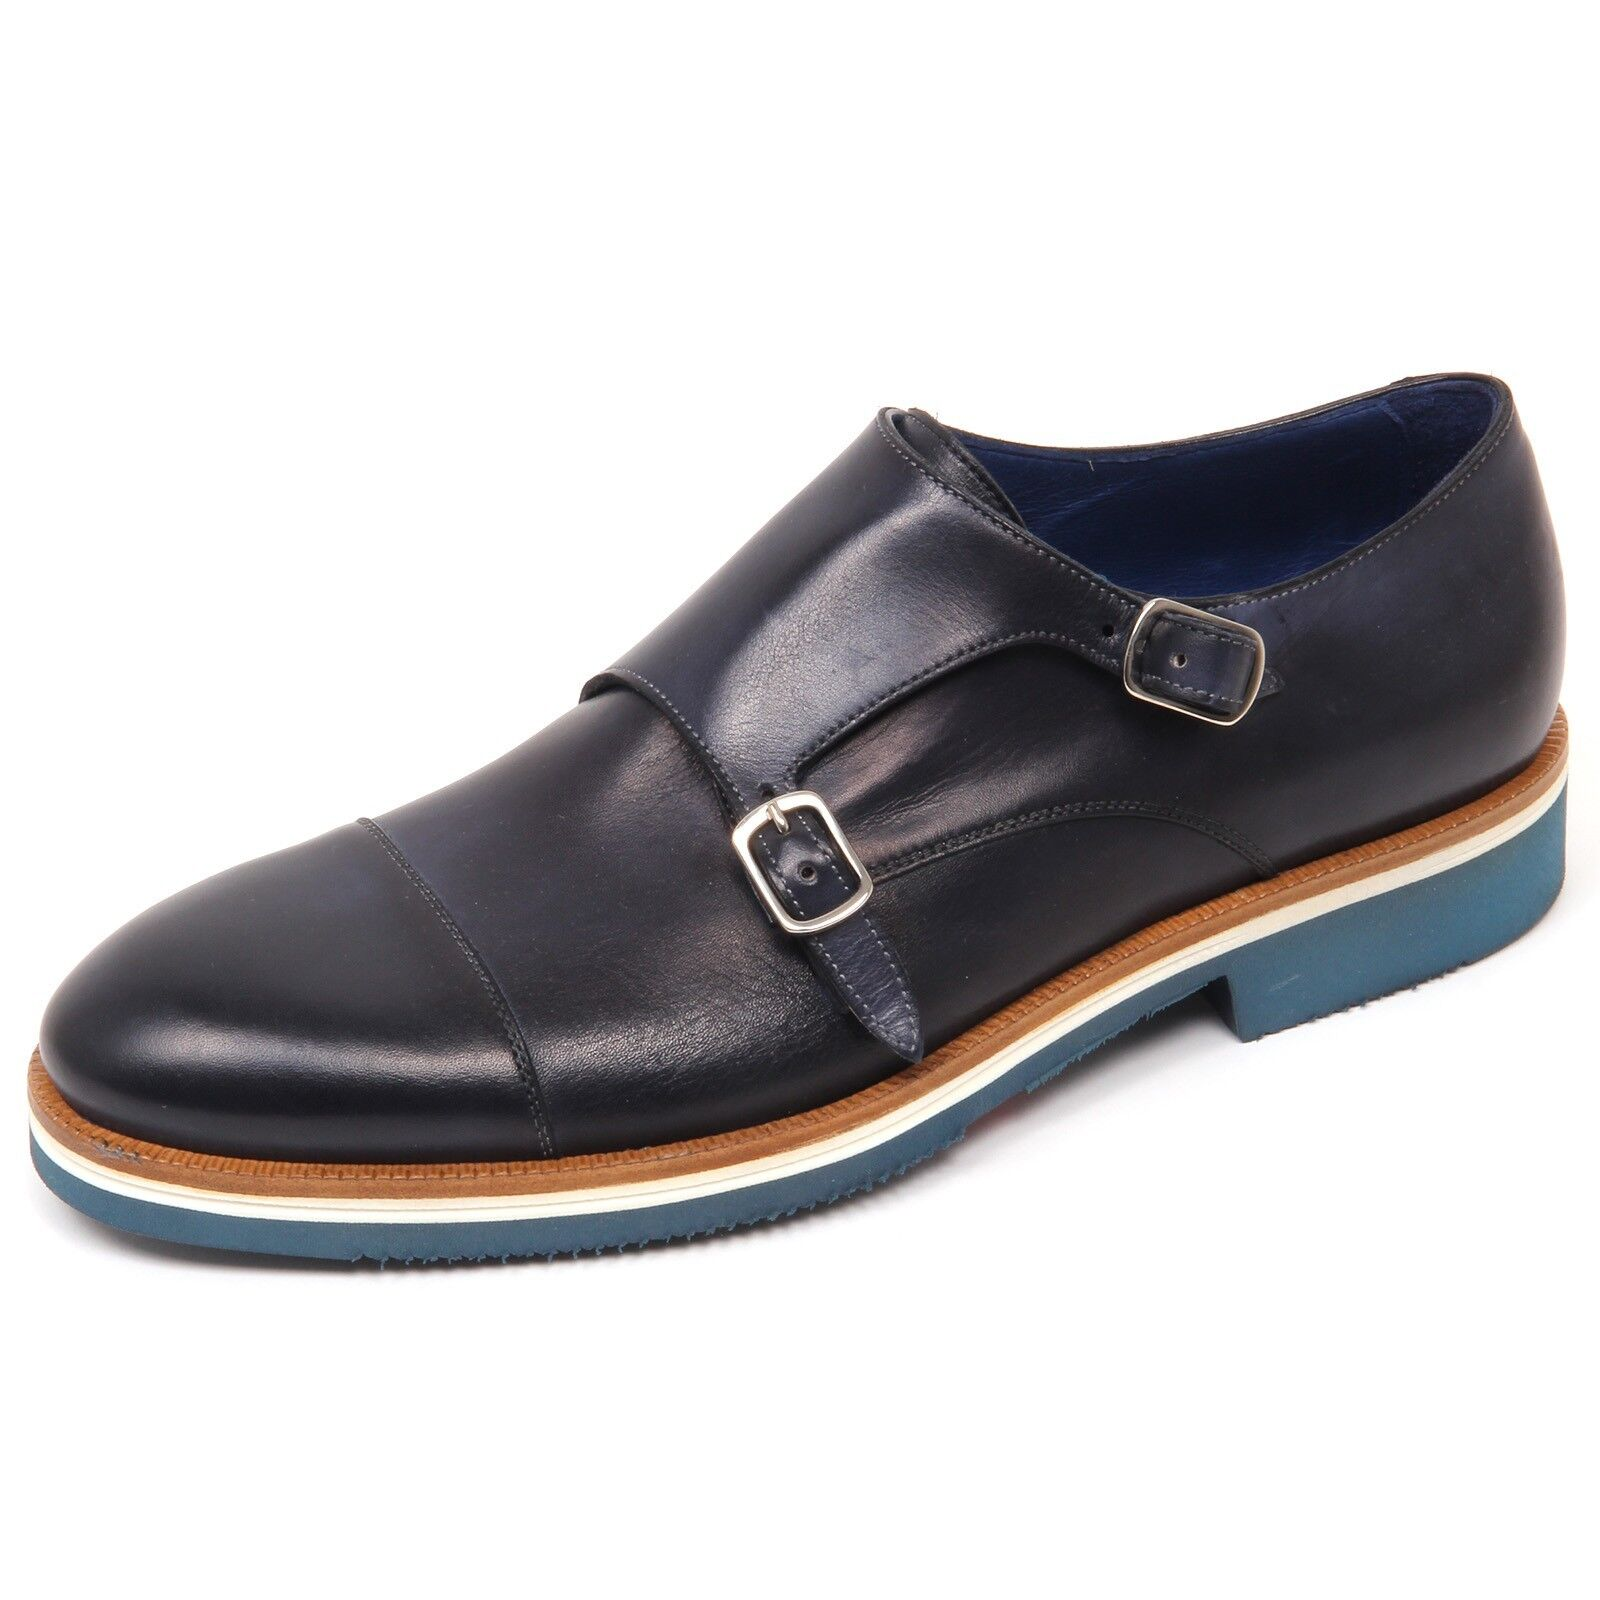 D0542 scarpa uomo CARACCIOLO 1971 VENICE scarpe doppia fibbia blu shoe man